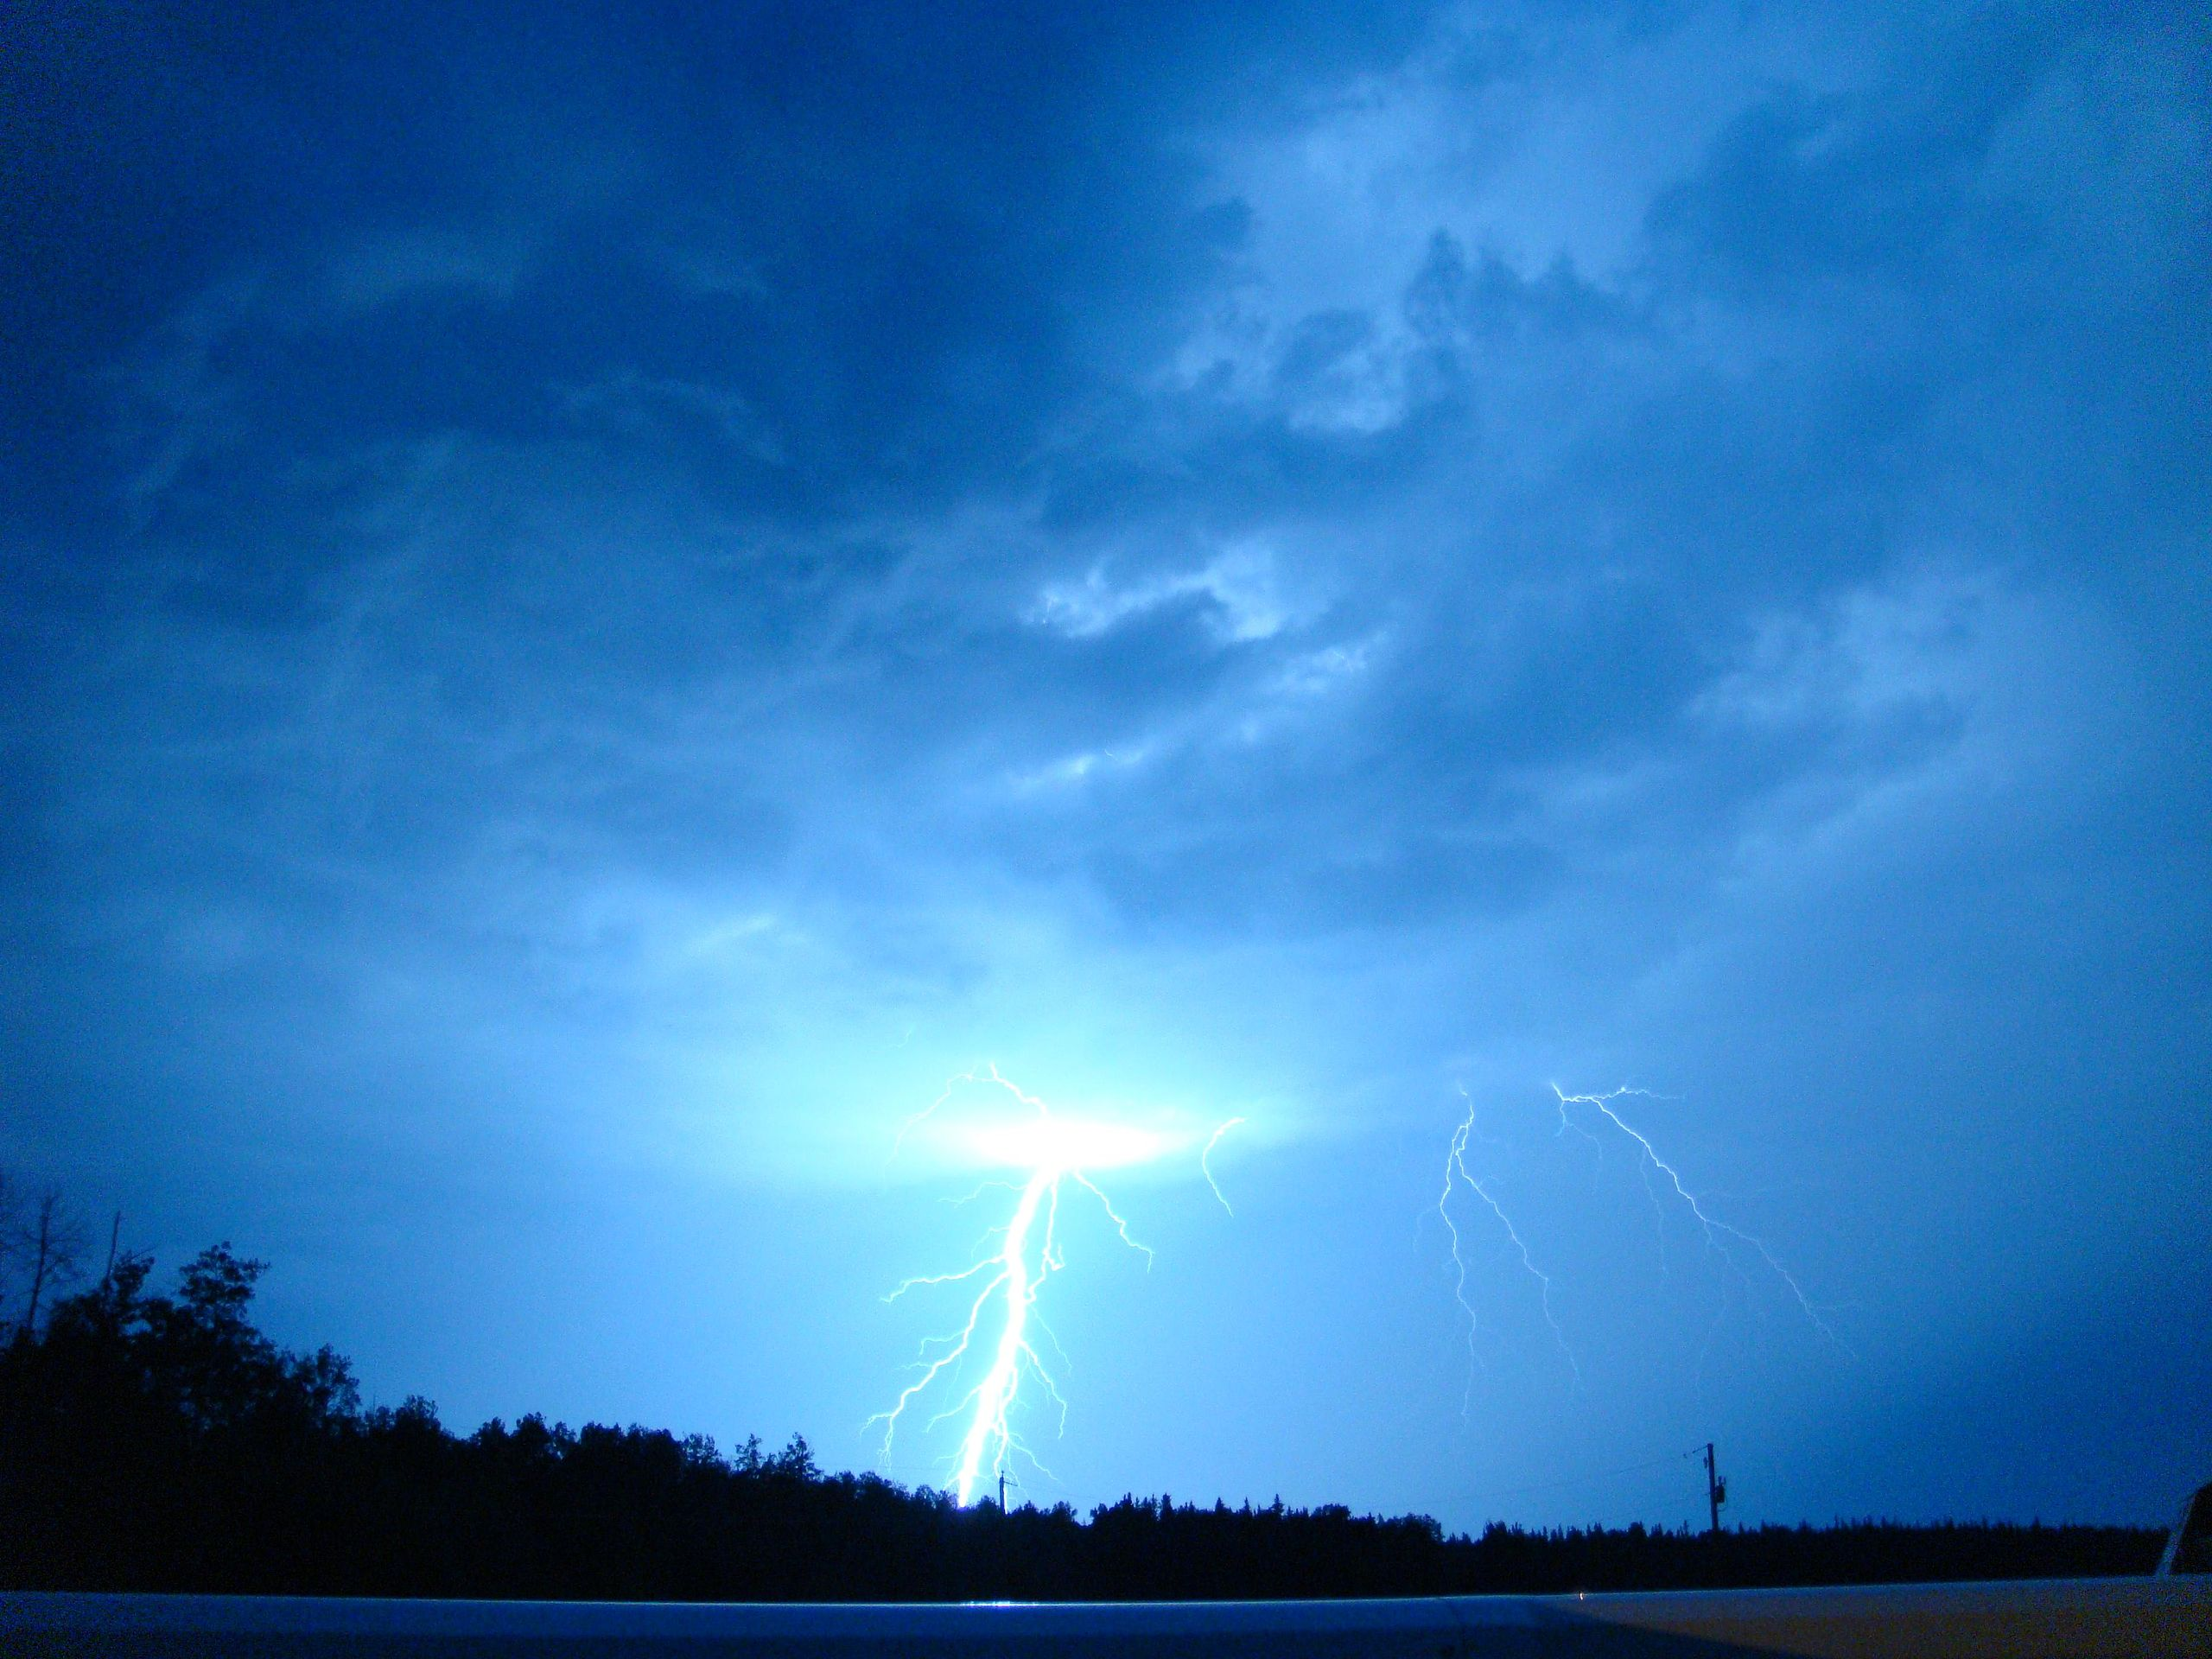 http://commons.wikimedia.org/wiki/Lightning#/media/File:LightningOverEdson.JPG